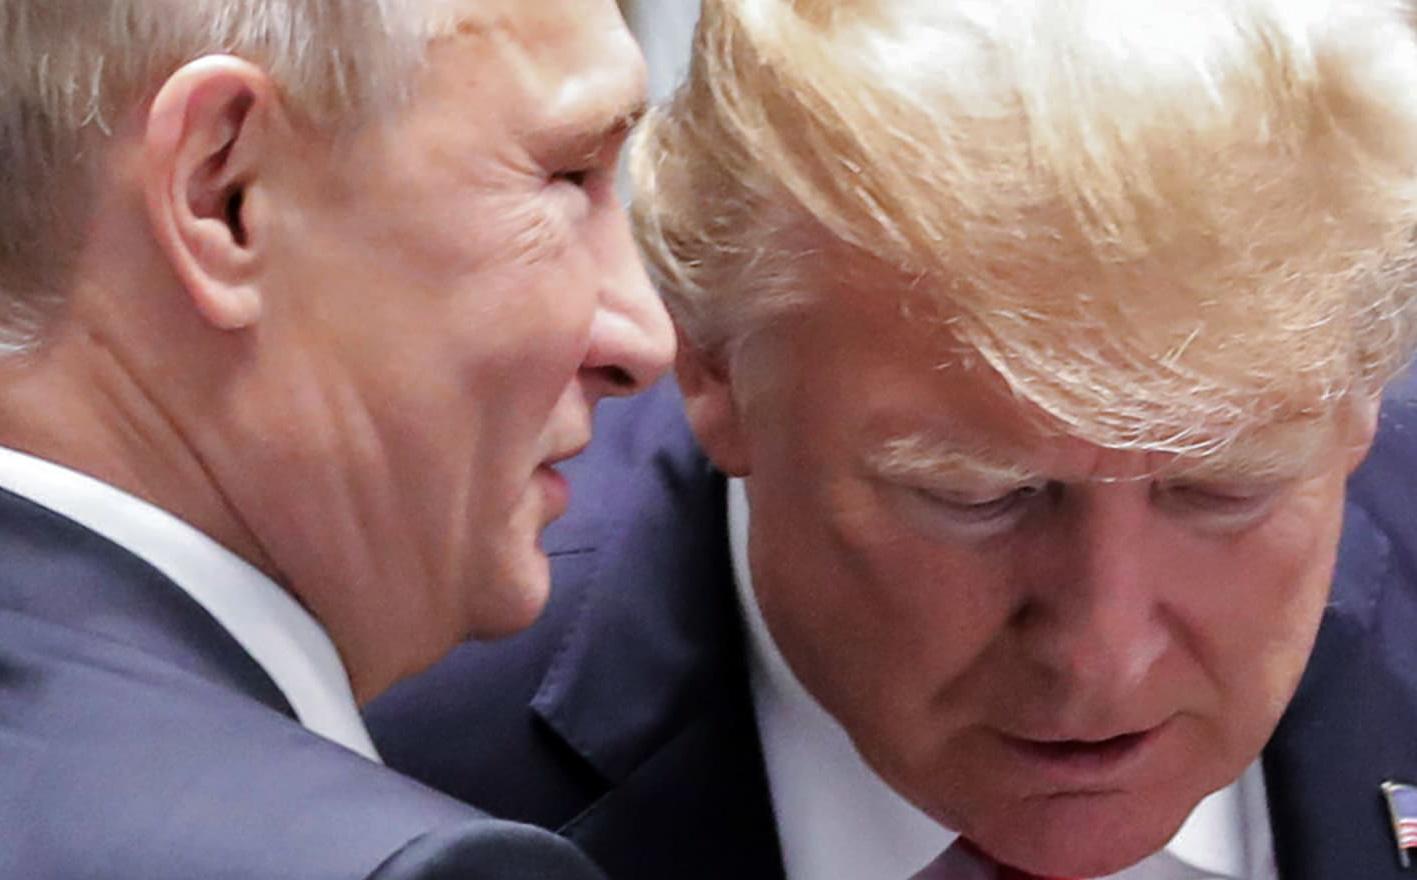 """Mỹ rút quân khỏi Đức: Châu Âu lao đao, ông Trump tặng """"hậu lễ"""" cho Nga trước thềm bầu cử"""